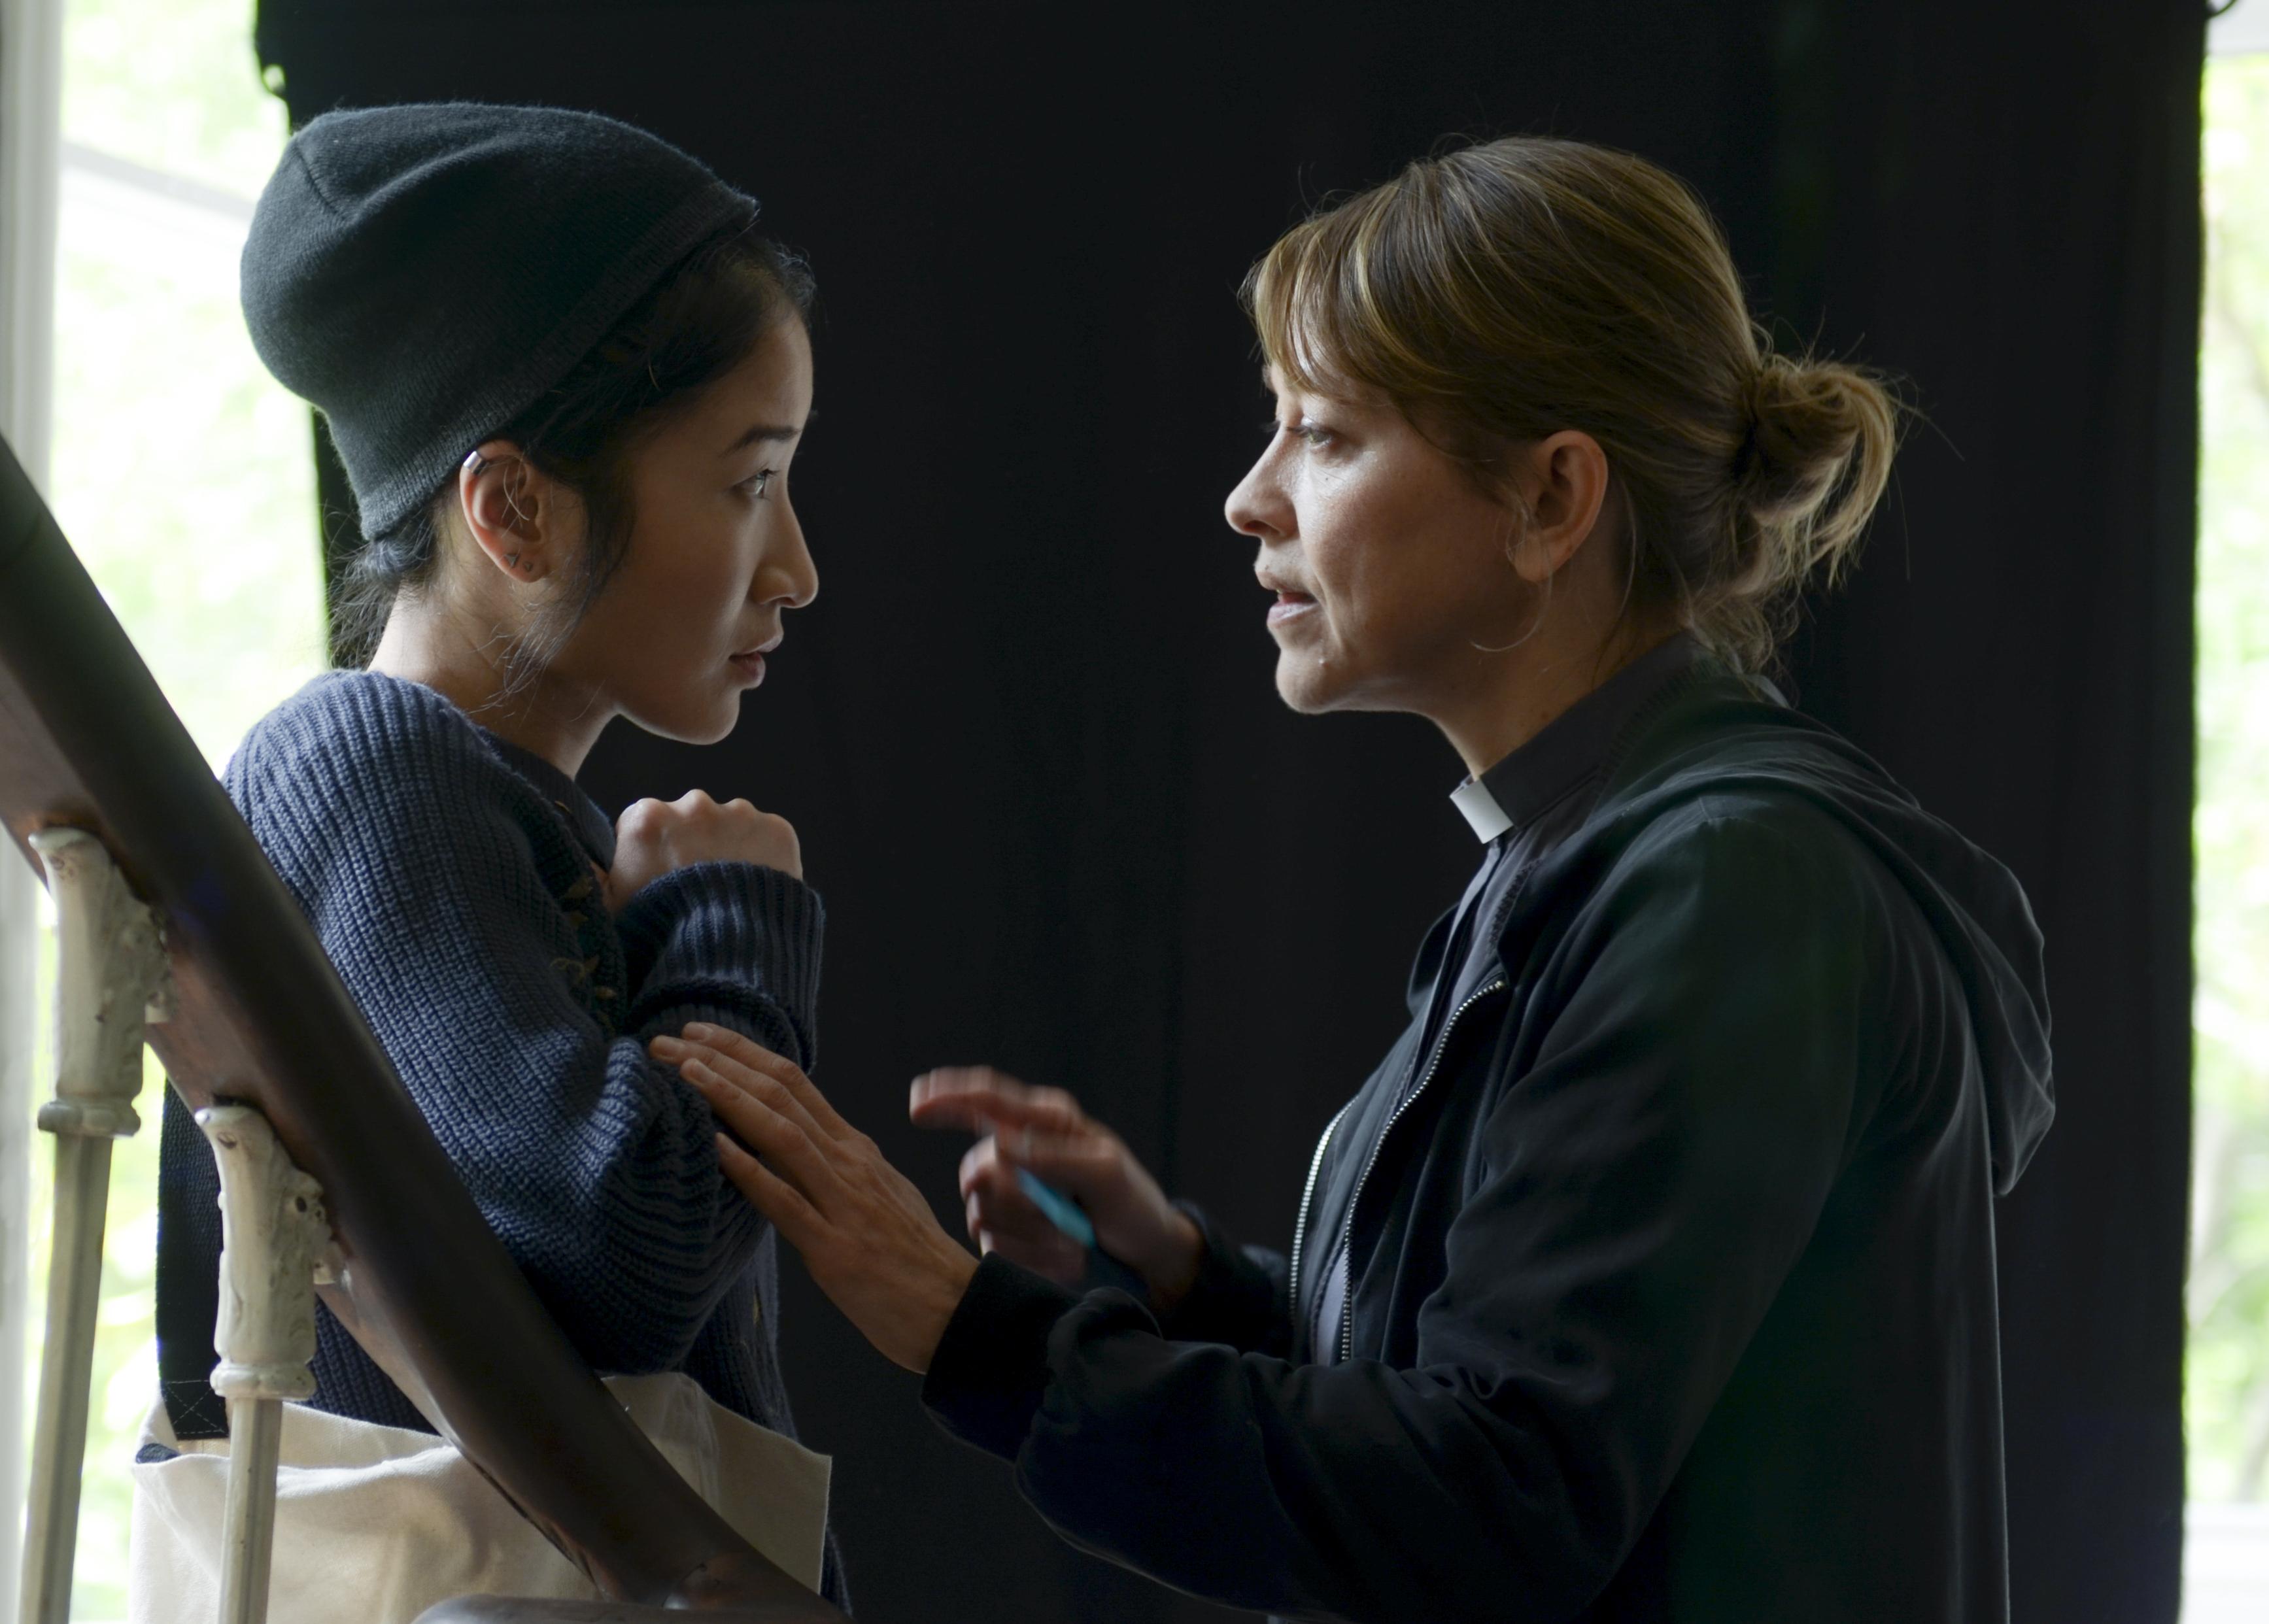 Camera Geek Tv Episodes : Lost girl tv series u imdb